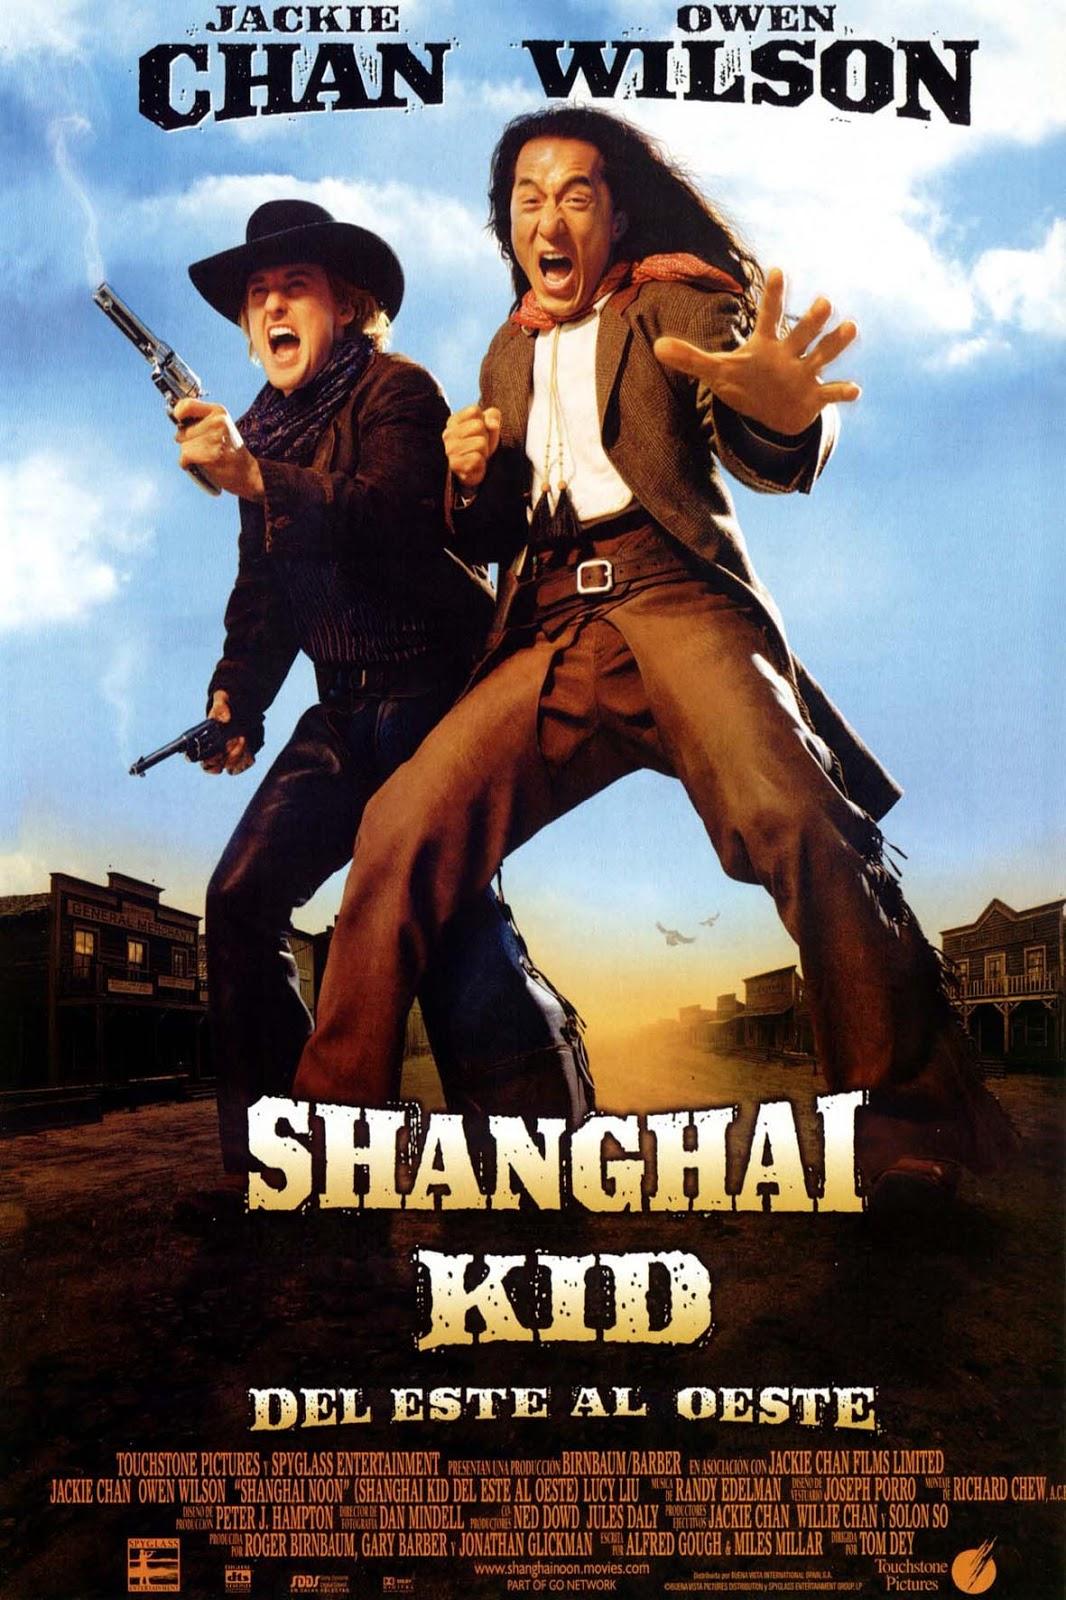 Shanghai Kid, del este al oeste (2000)